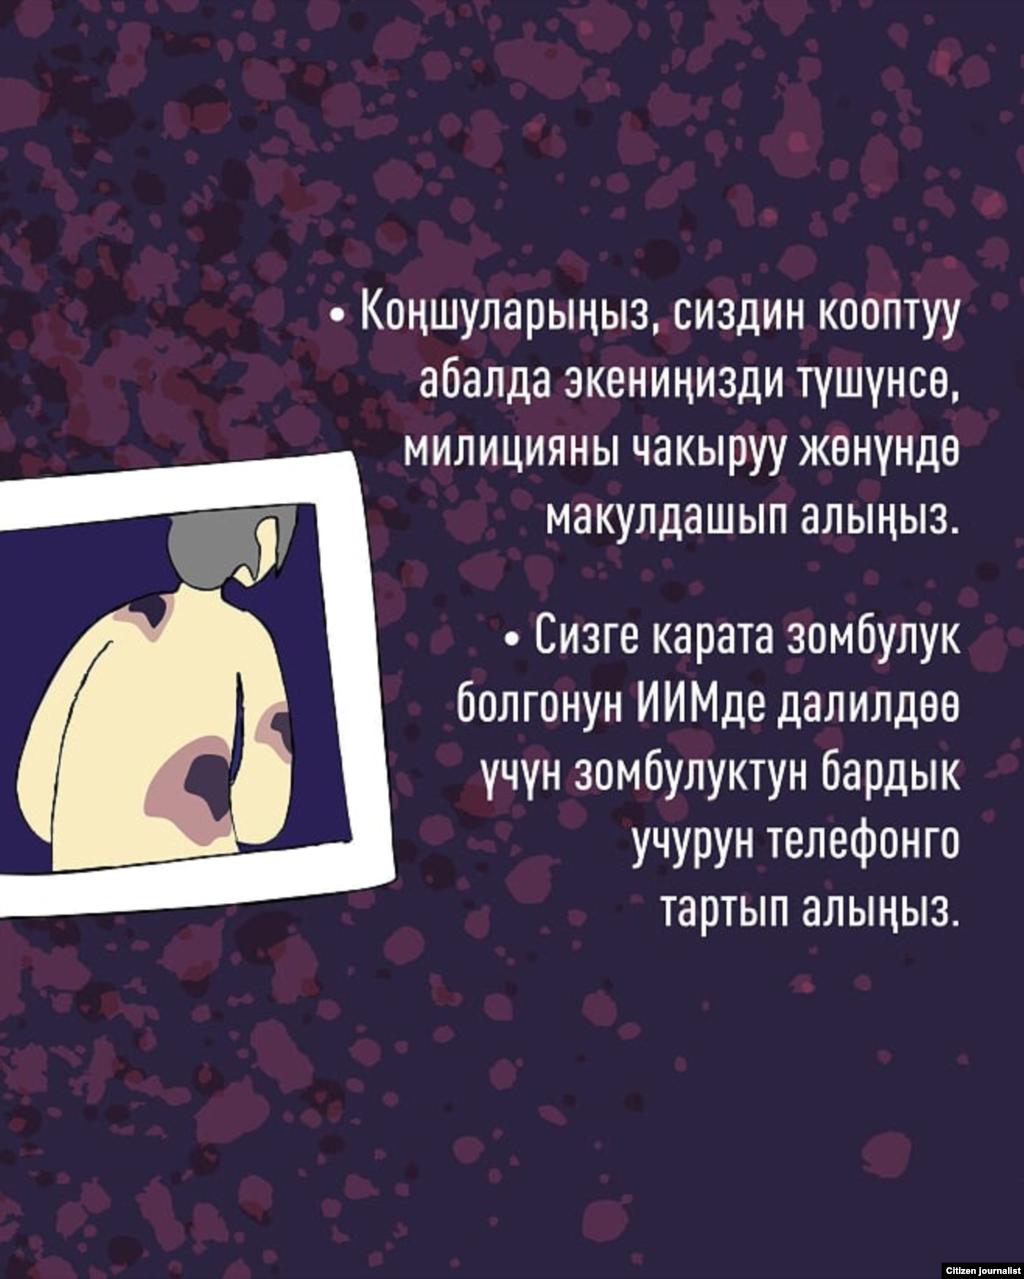 Гендердик зомбулукка каршы өнөктүк Кыргызстанда 25-ноябрда башталды. Үй-бүлөлүк зомбулукка каршы 16 күндүк агартуу өнөктүгү Бириккен Улуттар Уюмунун демилгеси менен дүйнөдө жыл сайын өткөрүлүп келет.